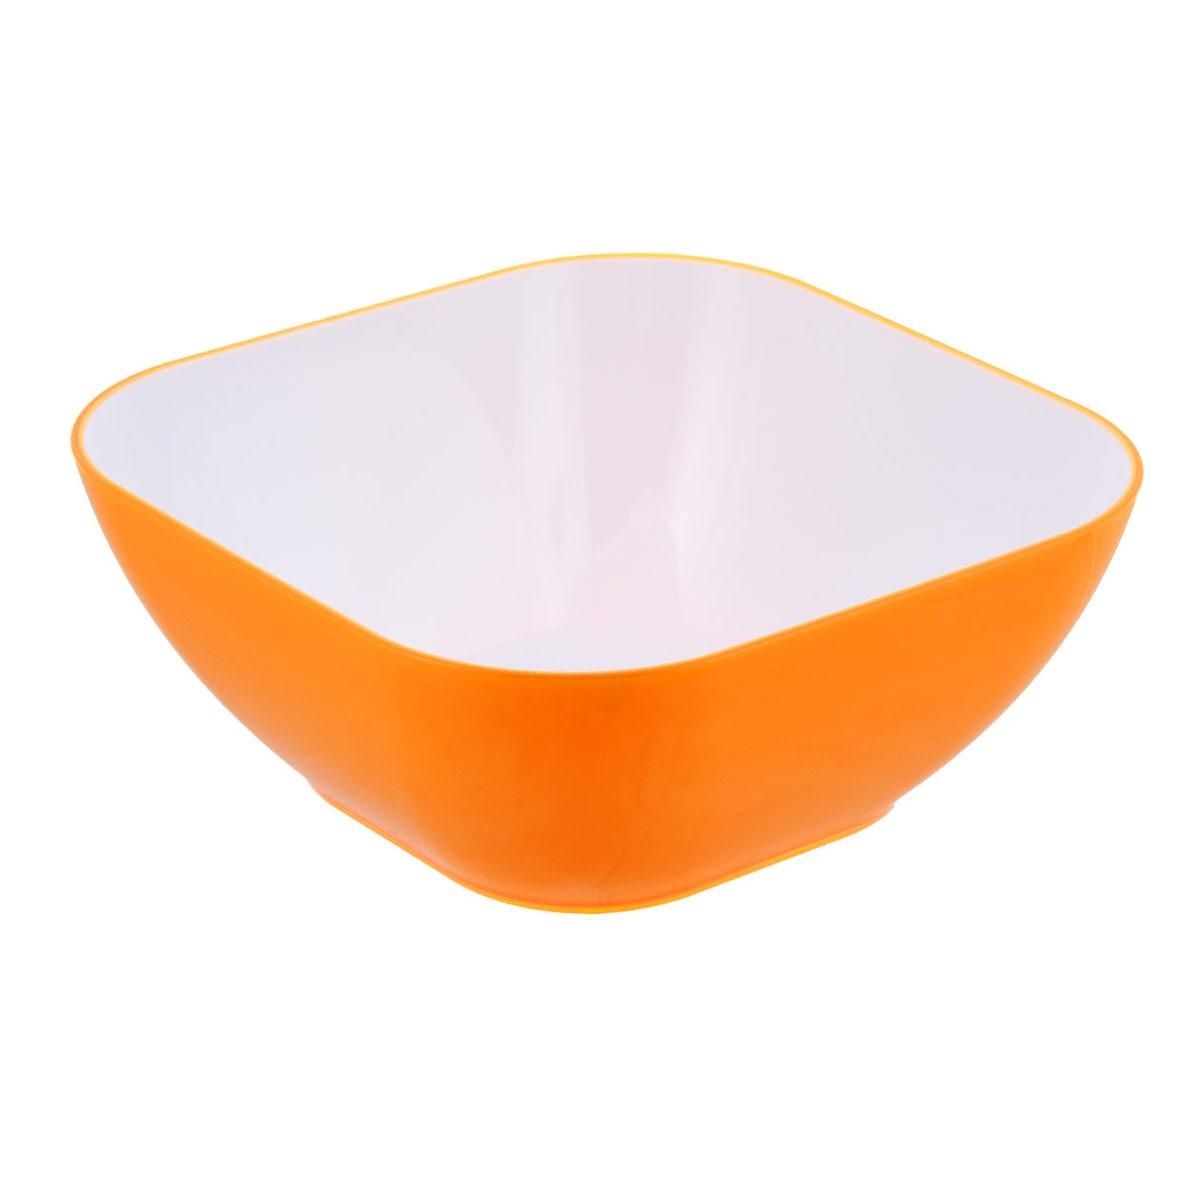 Пиала Bradex, цвет: оранжевый, 1,2 лTK 0133Пиала Bradex выполнена из цветного пищевого пластика, устойчивого к действию уксуса, спирта и масел. Пиала прочная и стойкая к царапинам. Благодаря высококачественным материалам она не впитывает запахи и не изменяет вкусовые качества пищи. Идеально подходит как для домашнего использования, так и для пикников. Яркий салатник создаст веселое летнее настроение за вашим столом, будь то домашний обед или завтрак на природе. Пиала настолько легка в уходе, что не отнимет у вас ни секунды лишнего времени, отведенного на послеобеденный отдых.Стильный и функциональный дизайн, легко моется. Объем: 1,2 л.